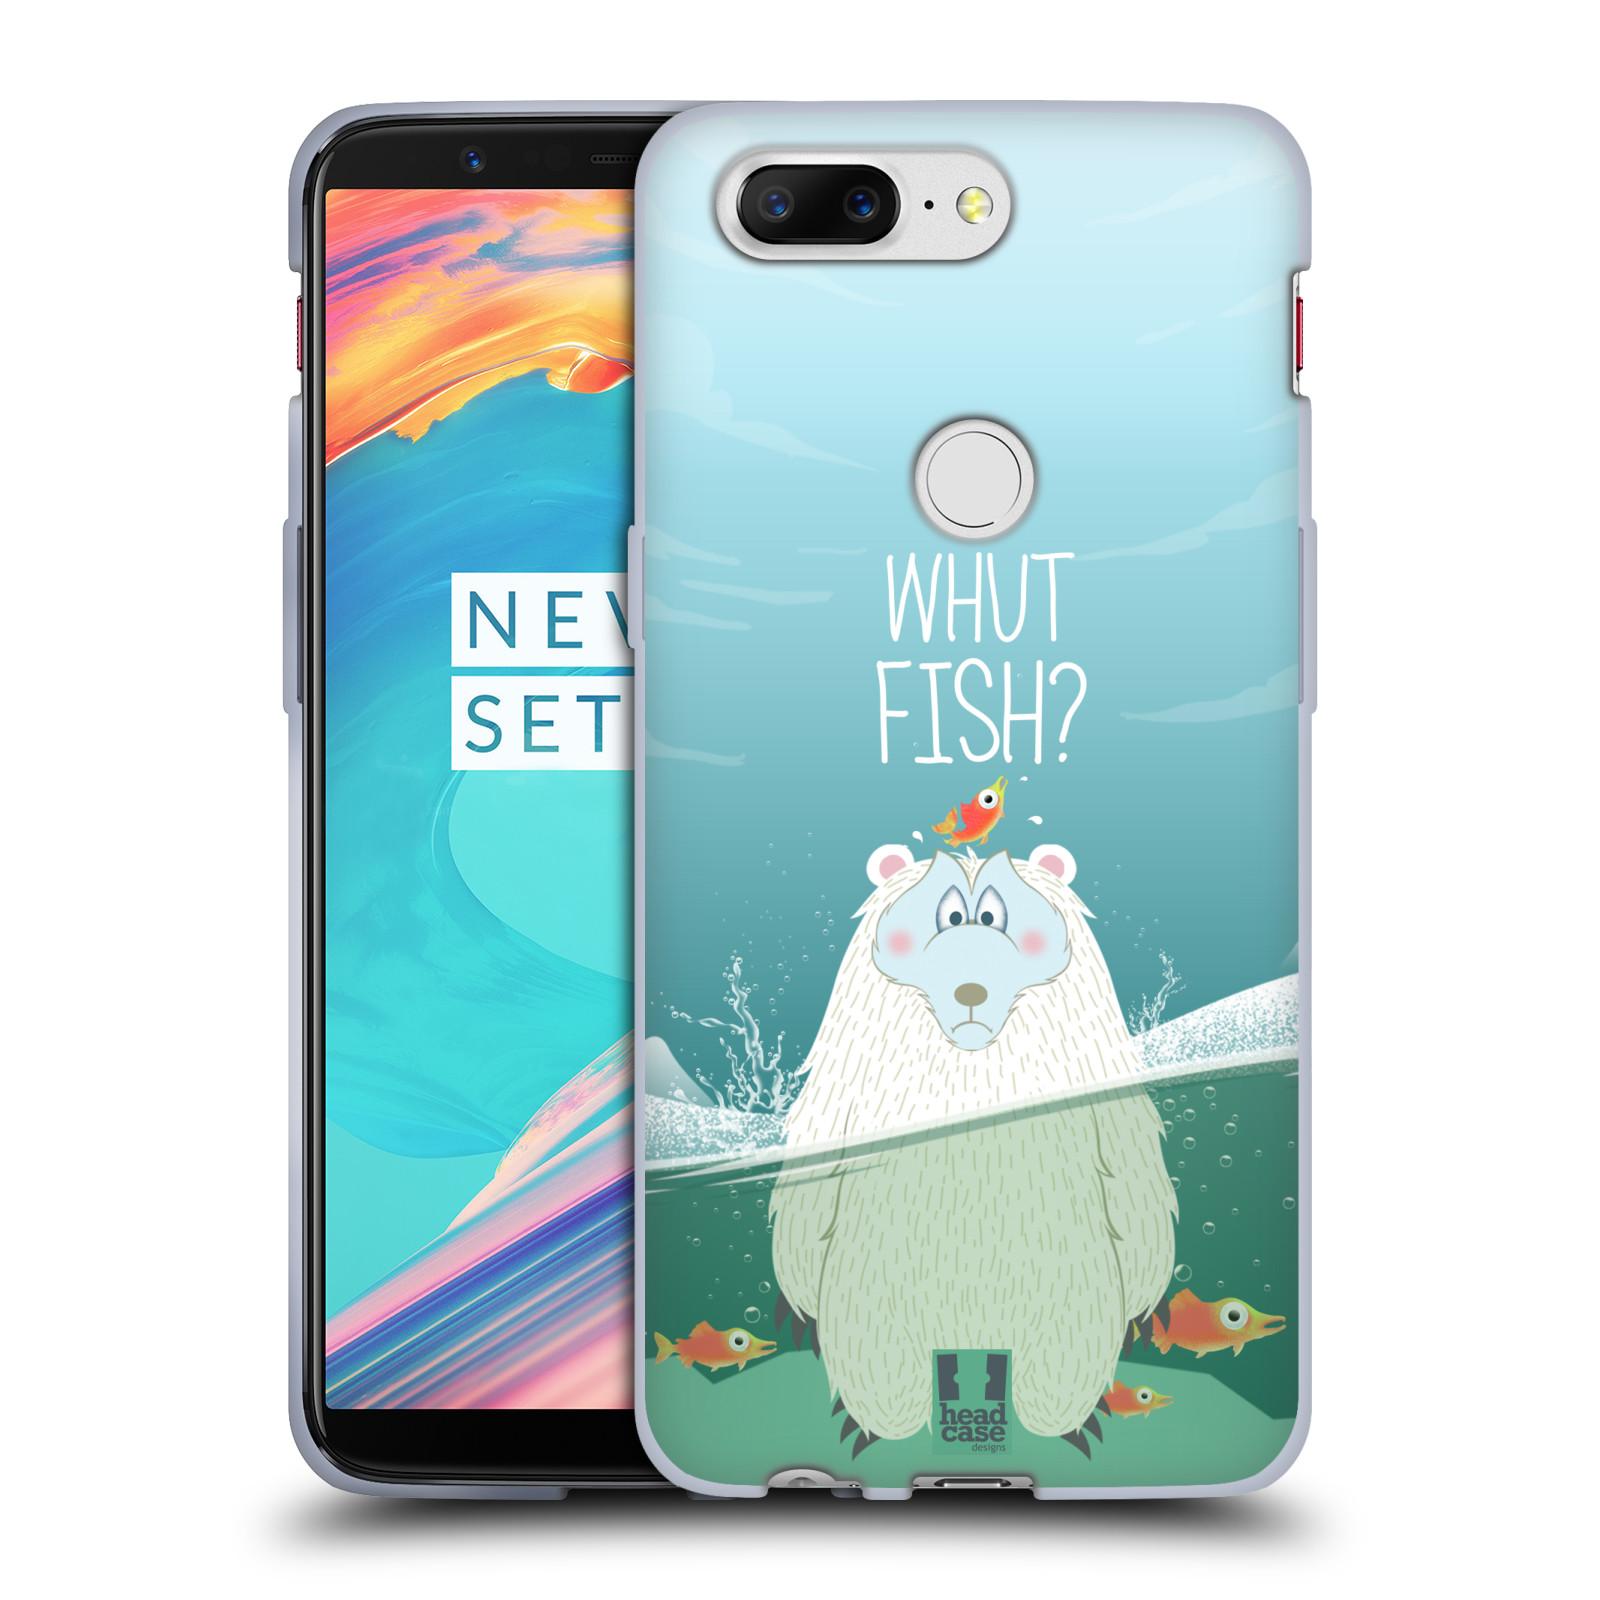 Silikonové pouzdro na mobil OnePlus 5T - Head Case - Medvěd Whut Fish?